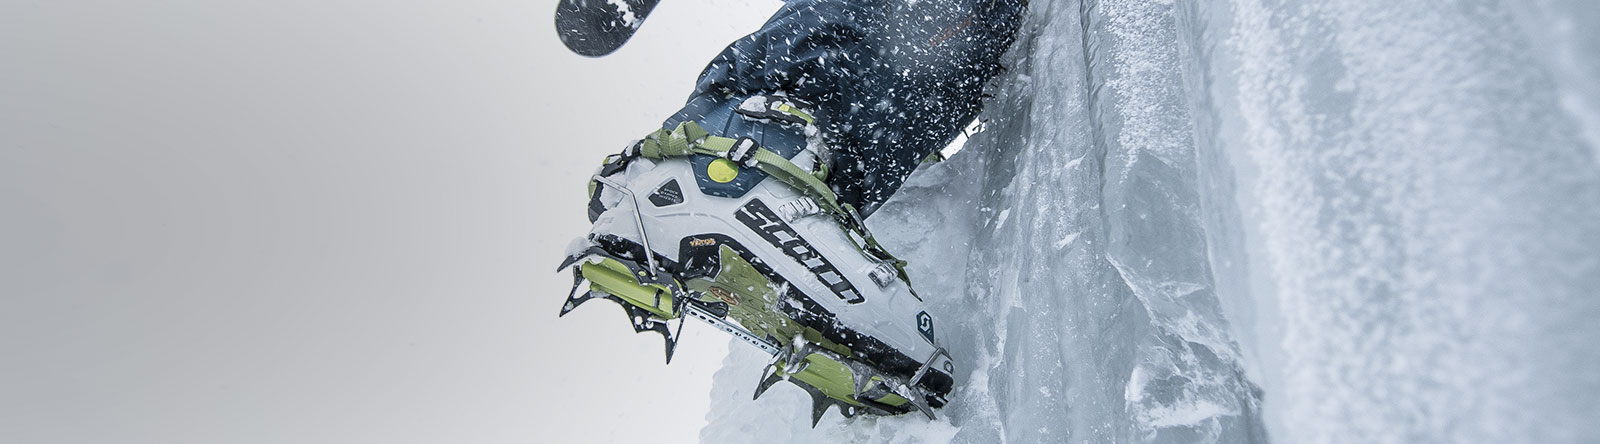 Гірськолижні черевики для скі-альпінізму 2017